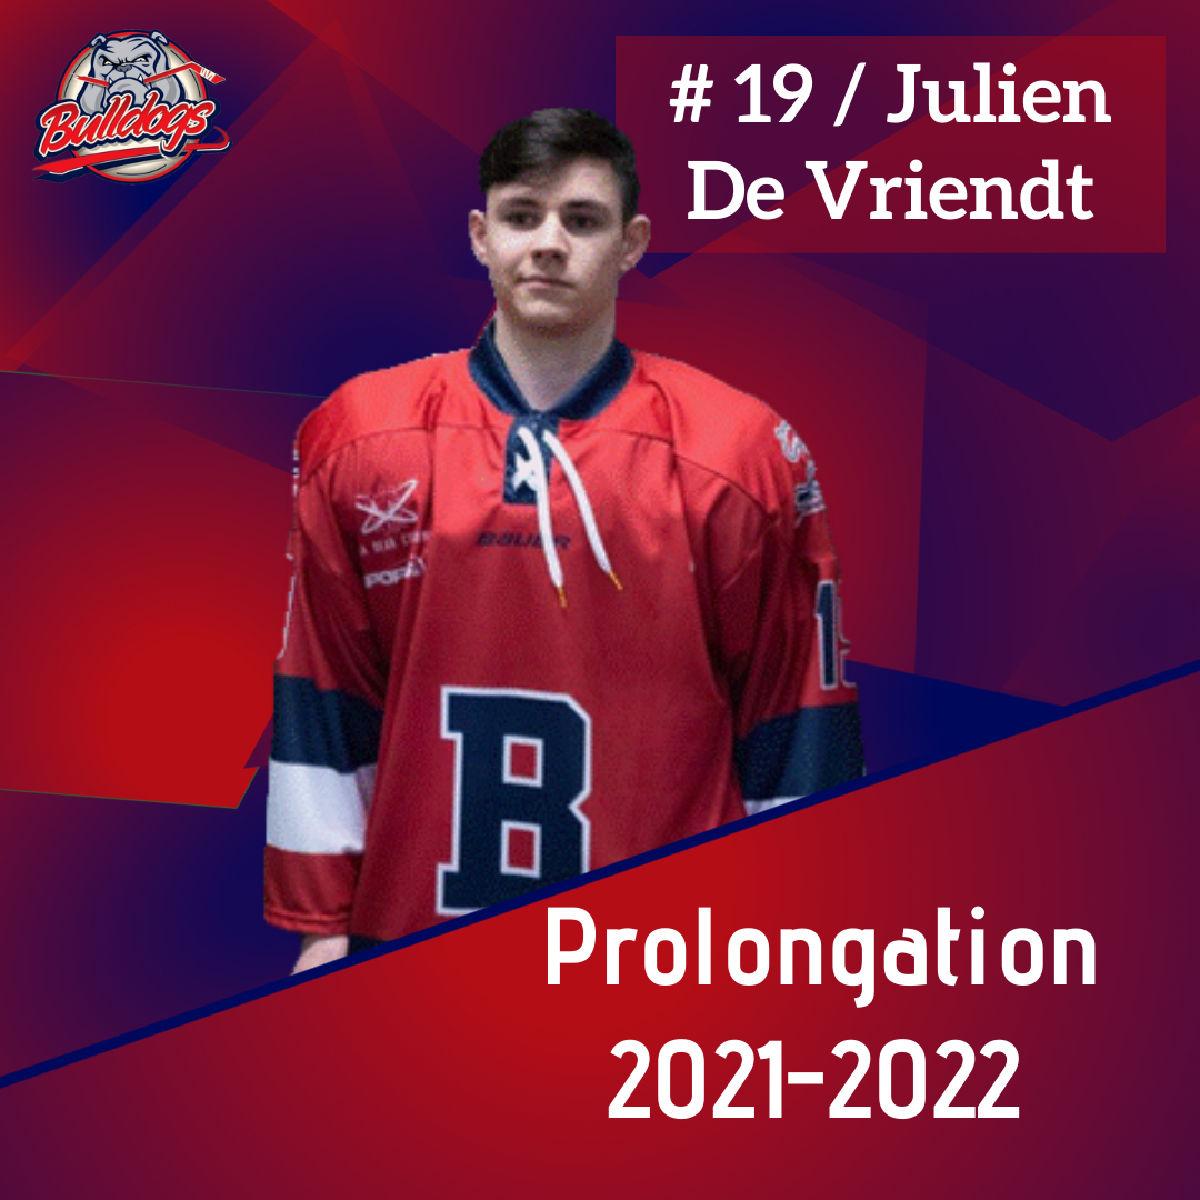 Prolongation pour Julien De Vriendt et les Bulldogs de Liège